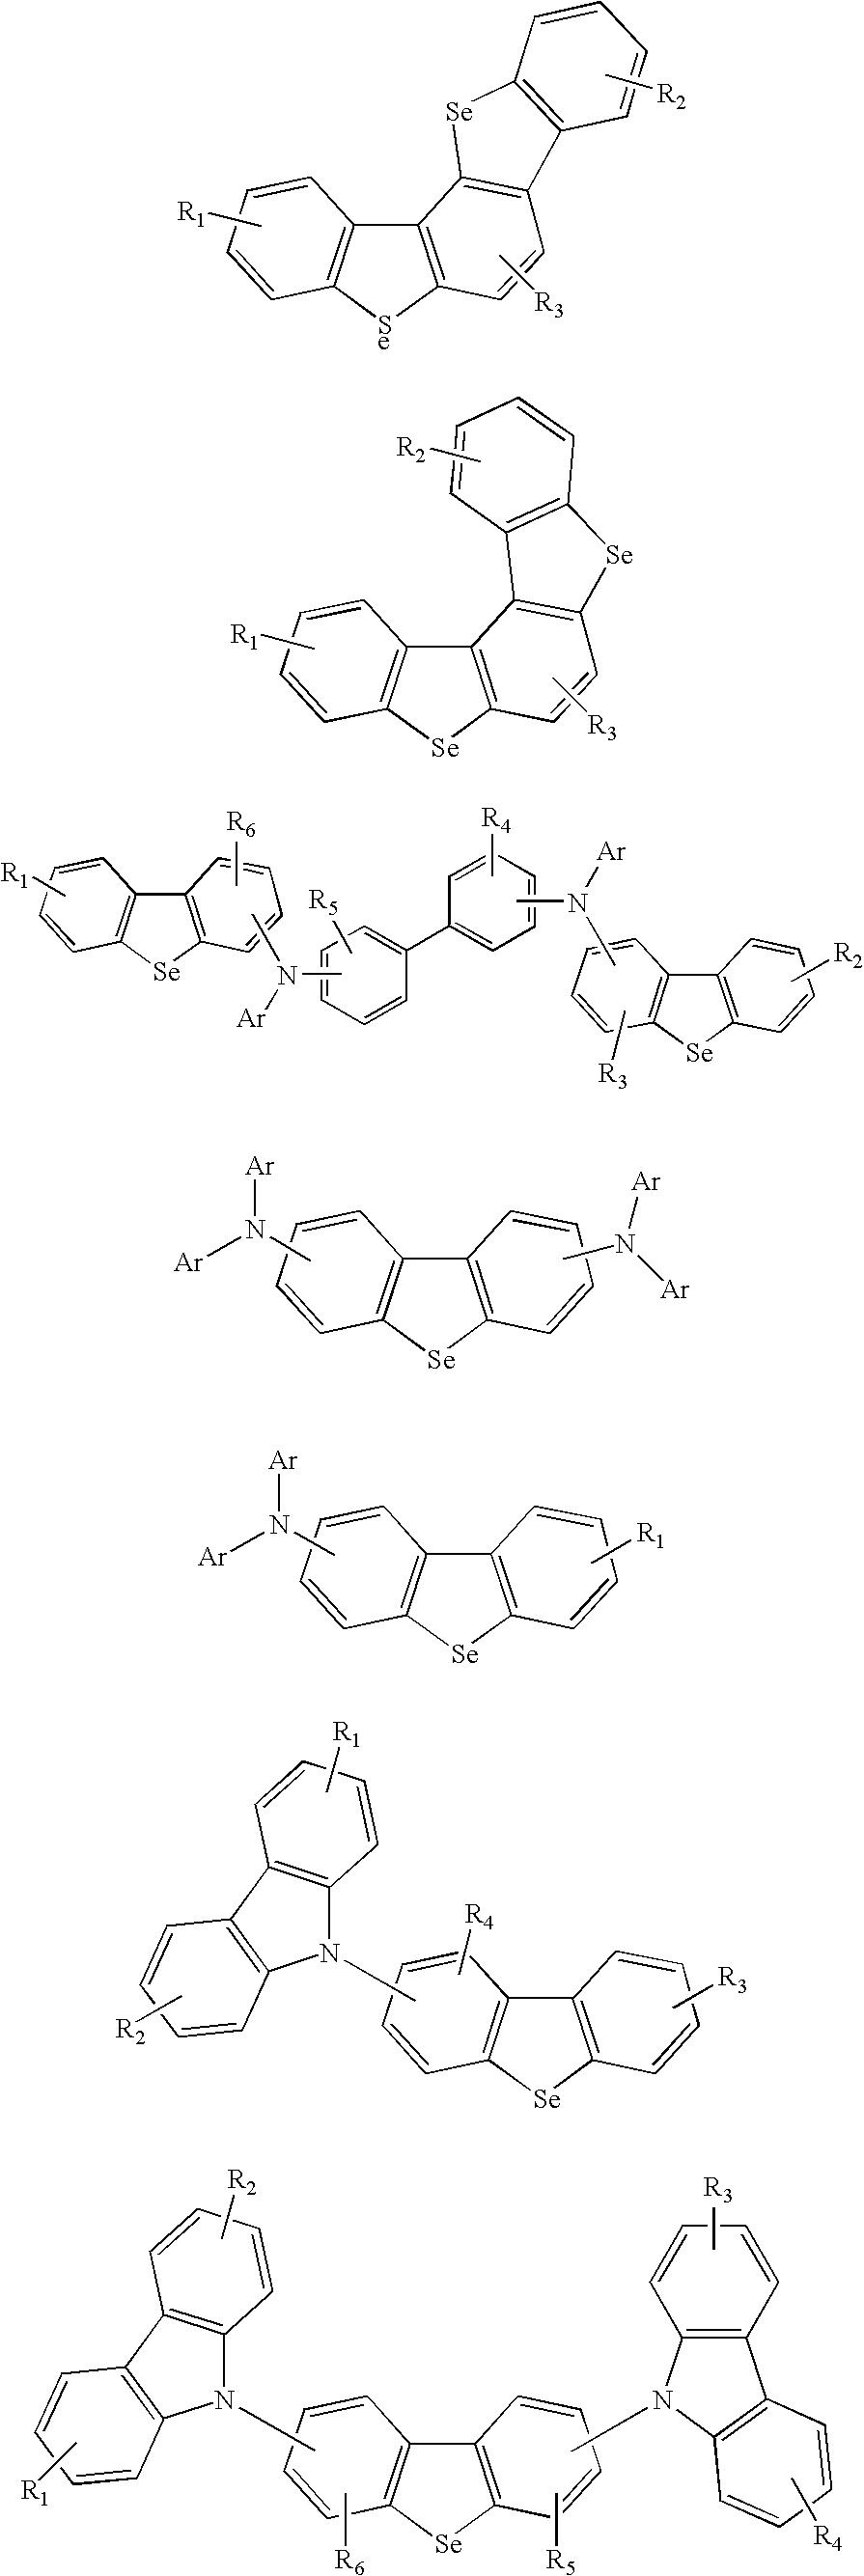 Figure US20100072887A1-20100325-C00232